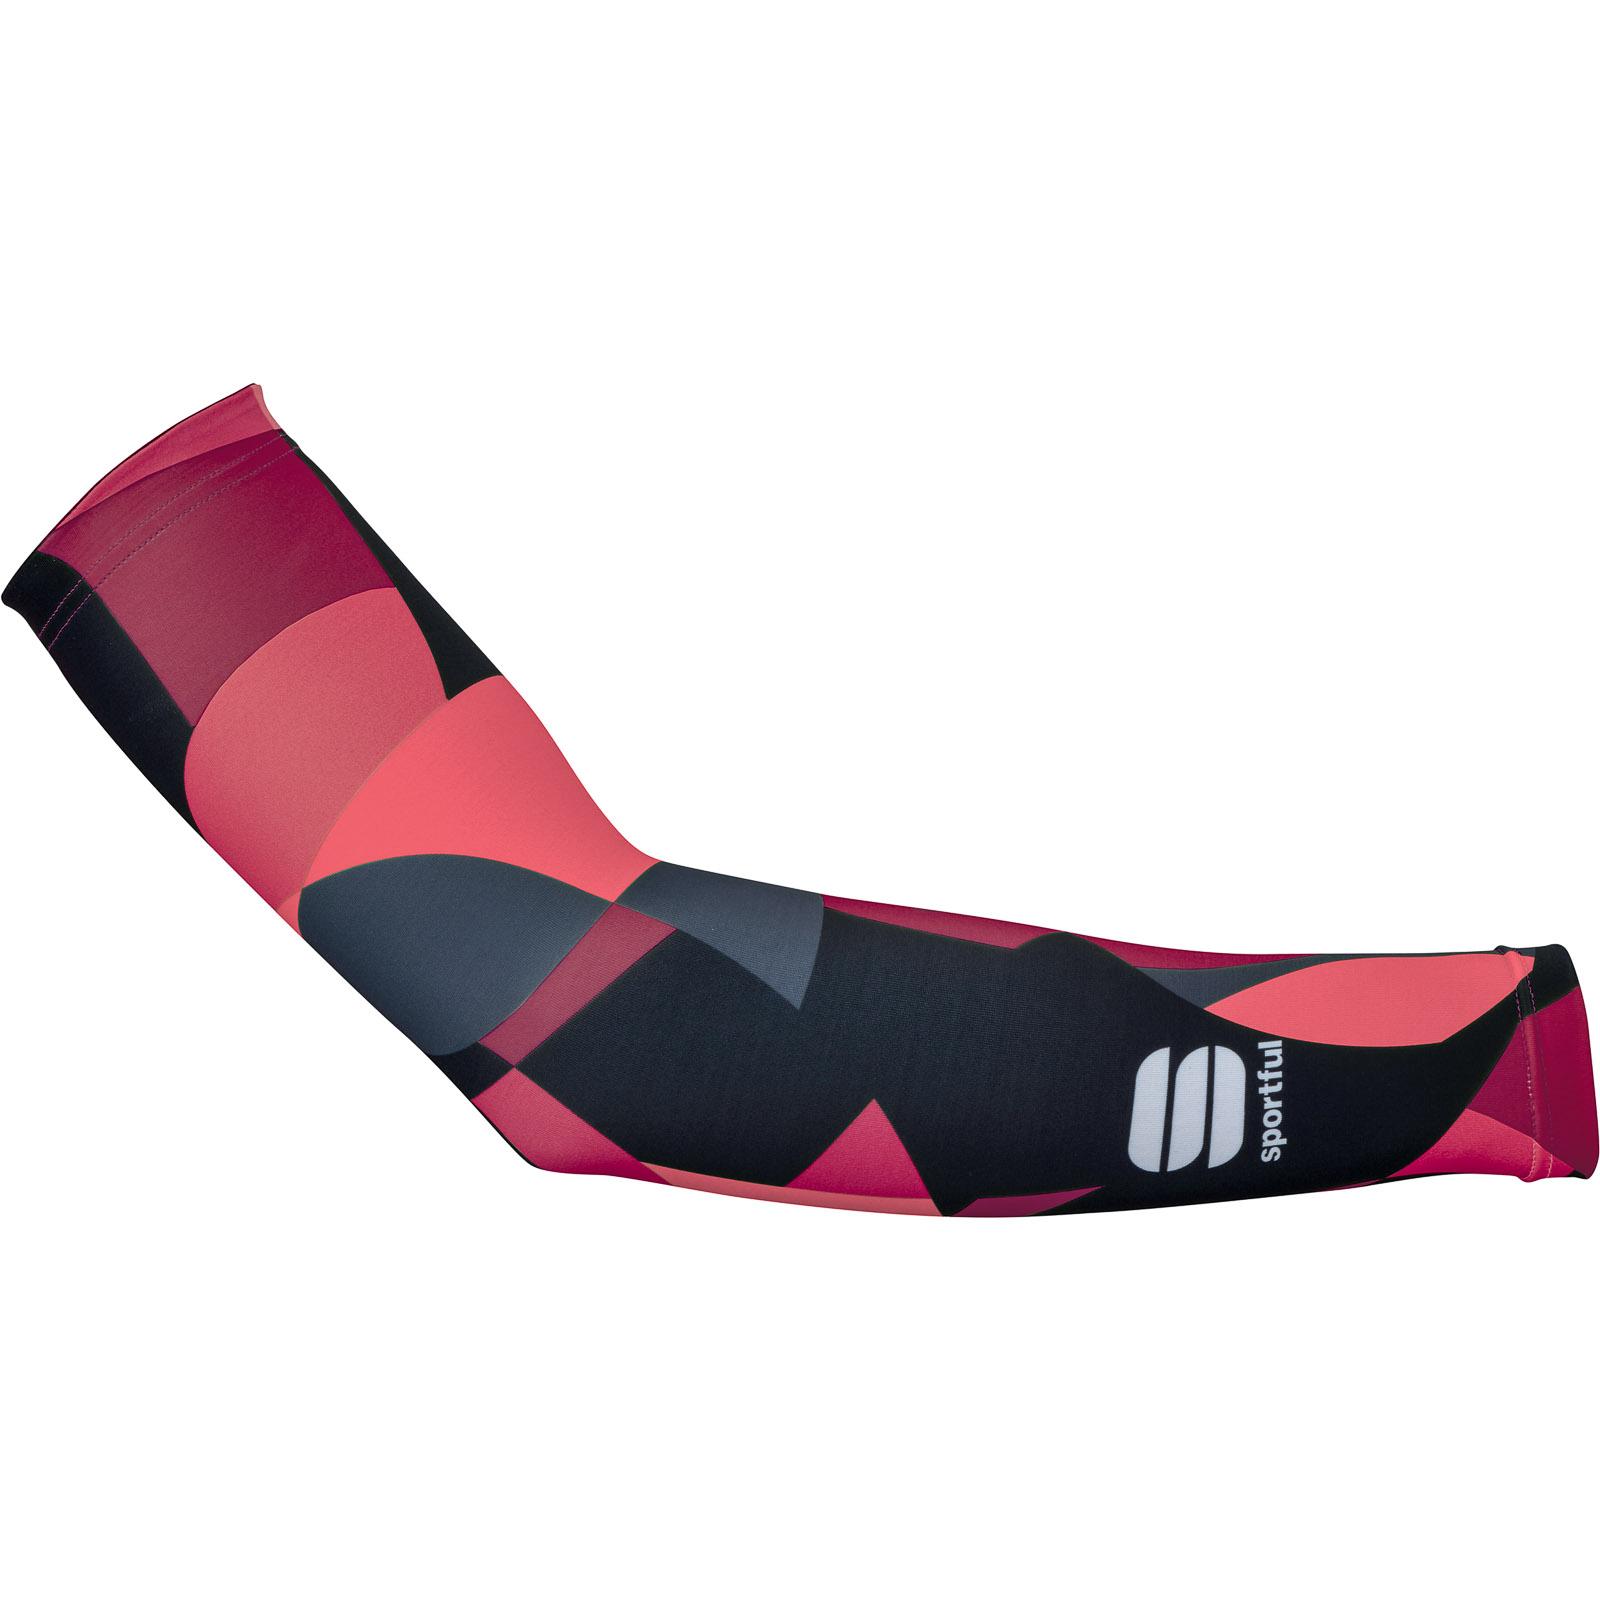 6bf399080 Sportful Primavera návleky na ruky ružové/čierne